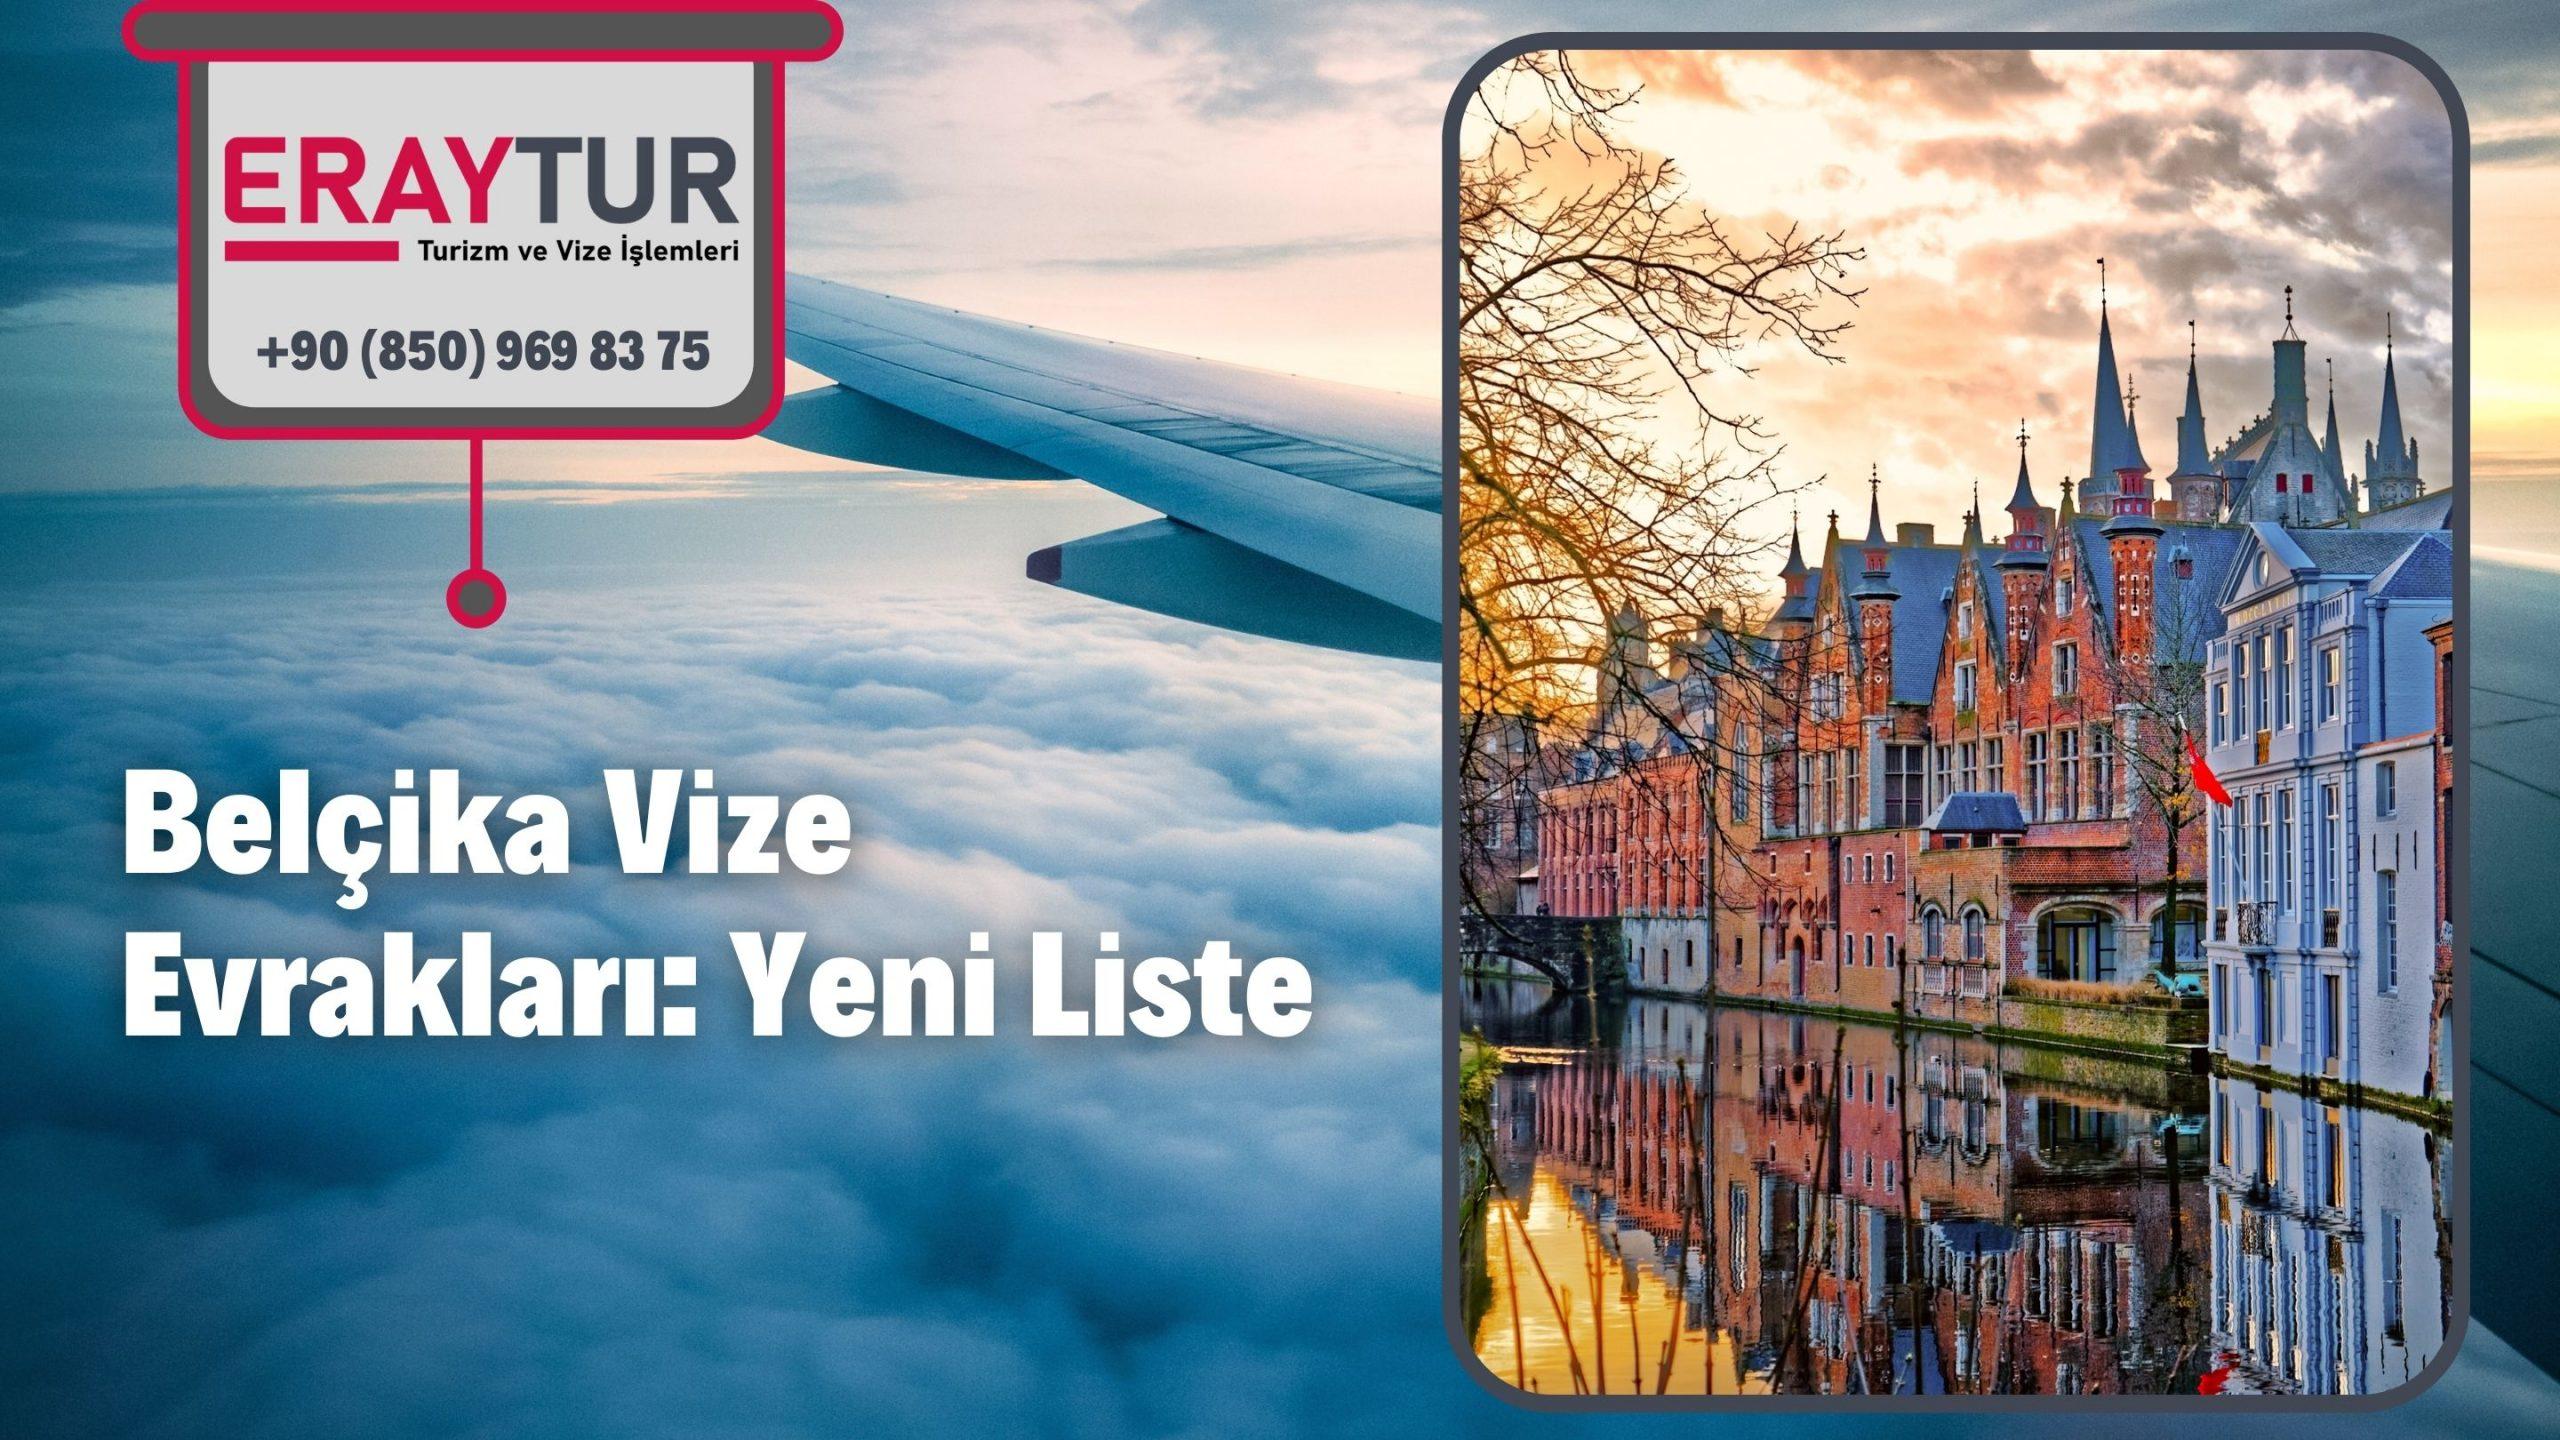 Belçika Vize Evrakları: Yeni Liste [2021]